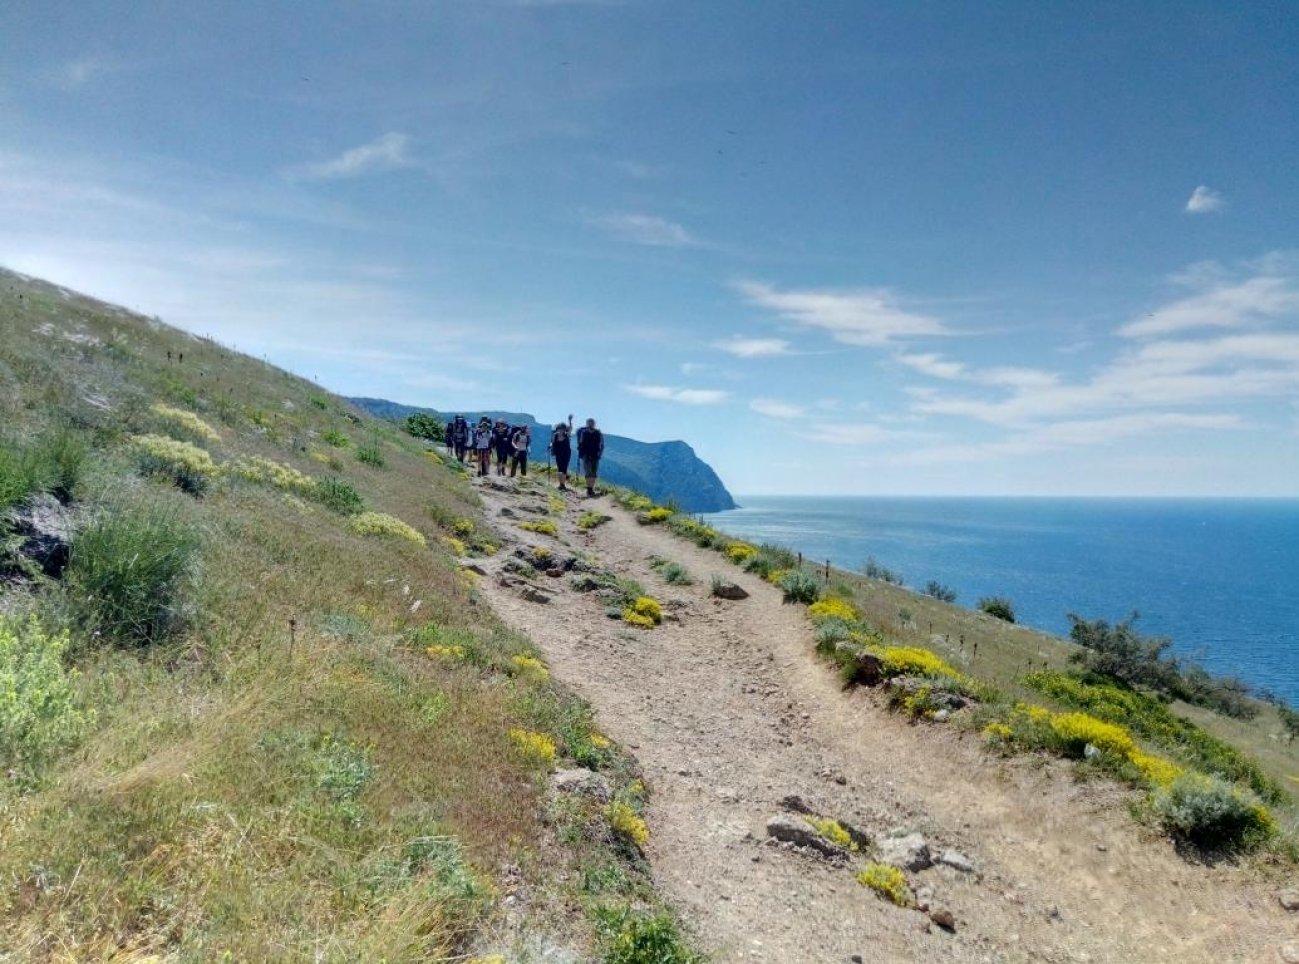 Путешествие туристов вдоль берега моря